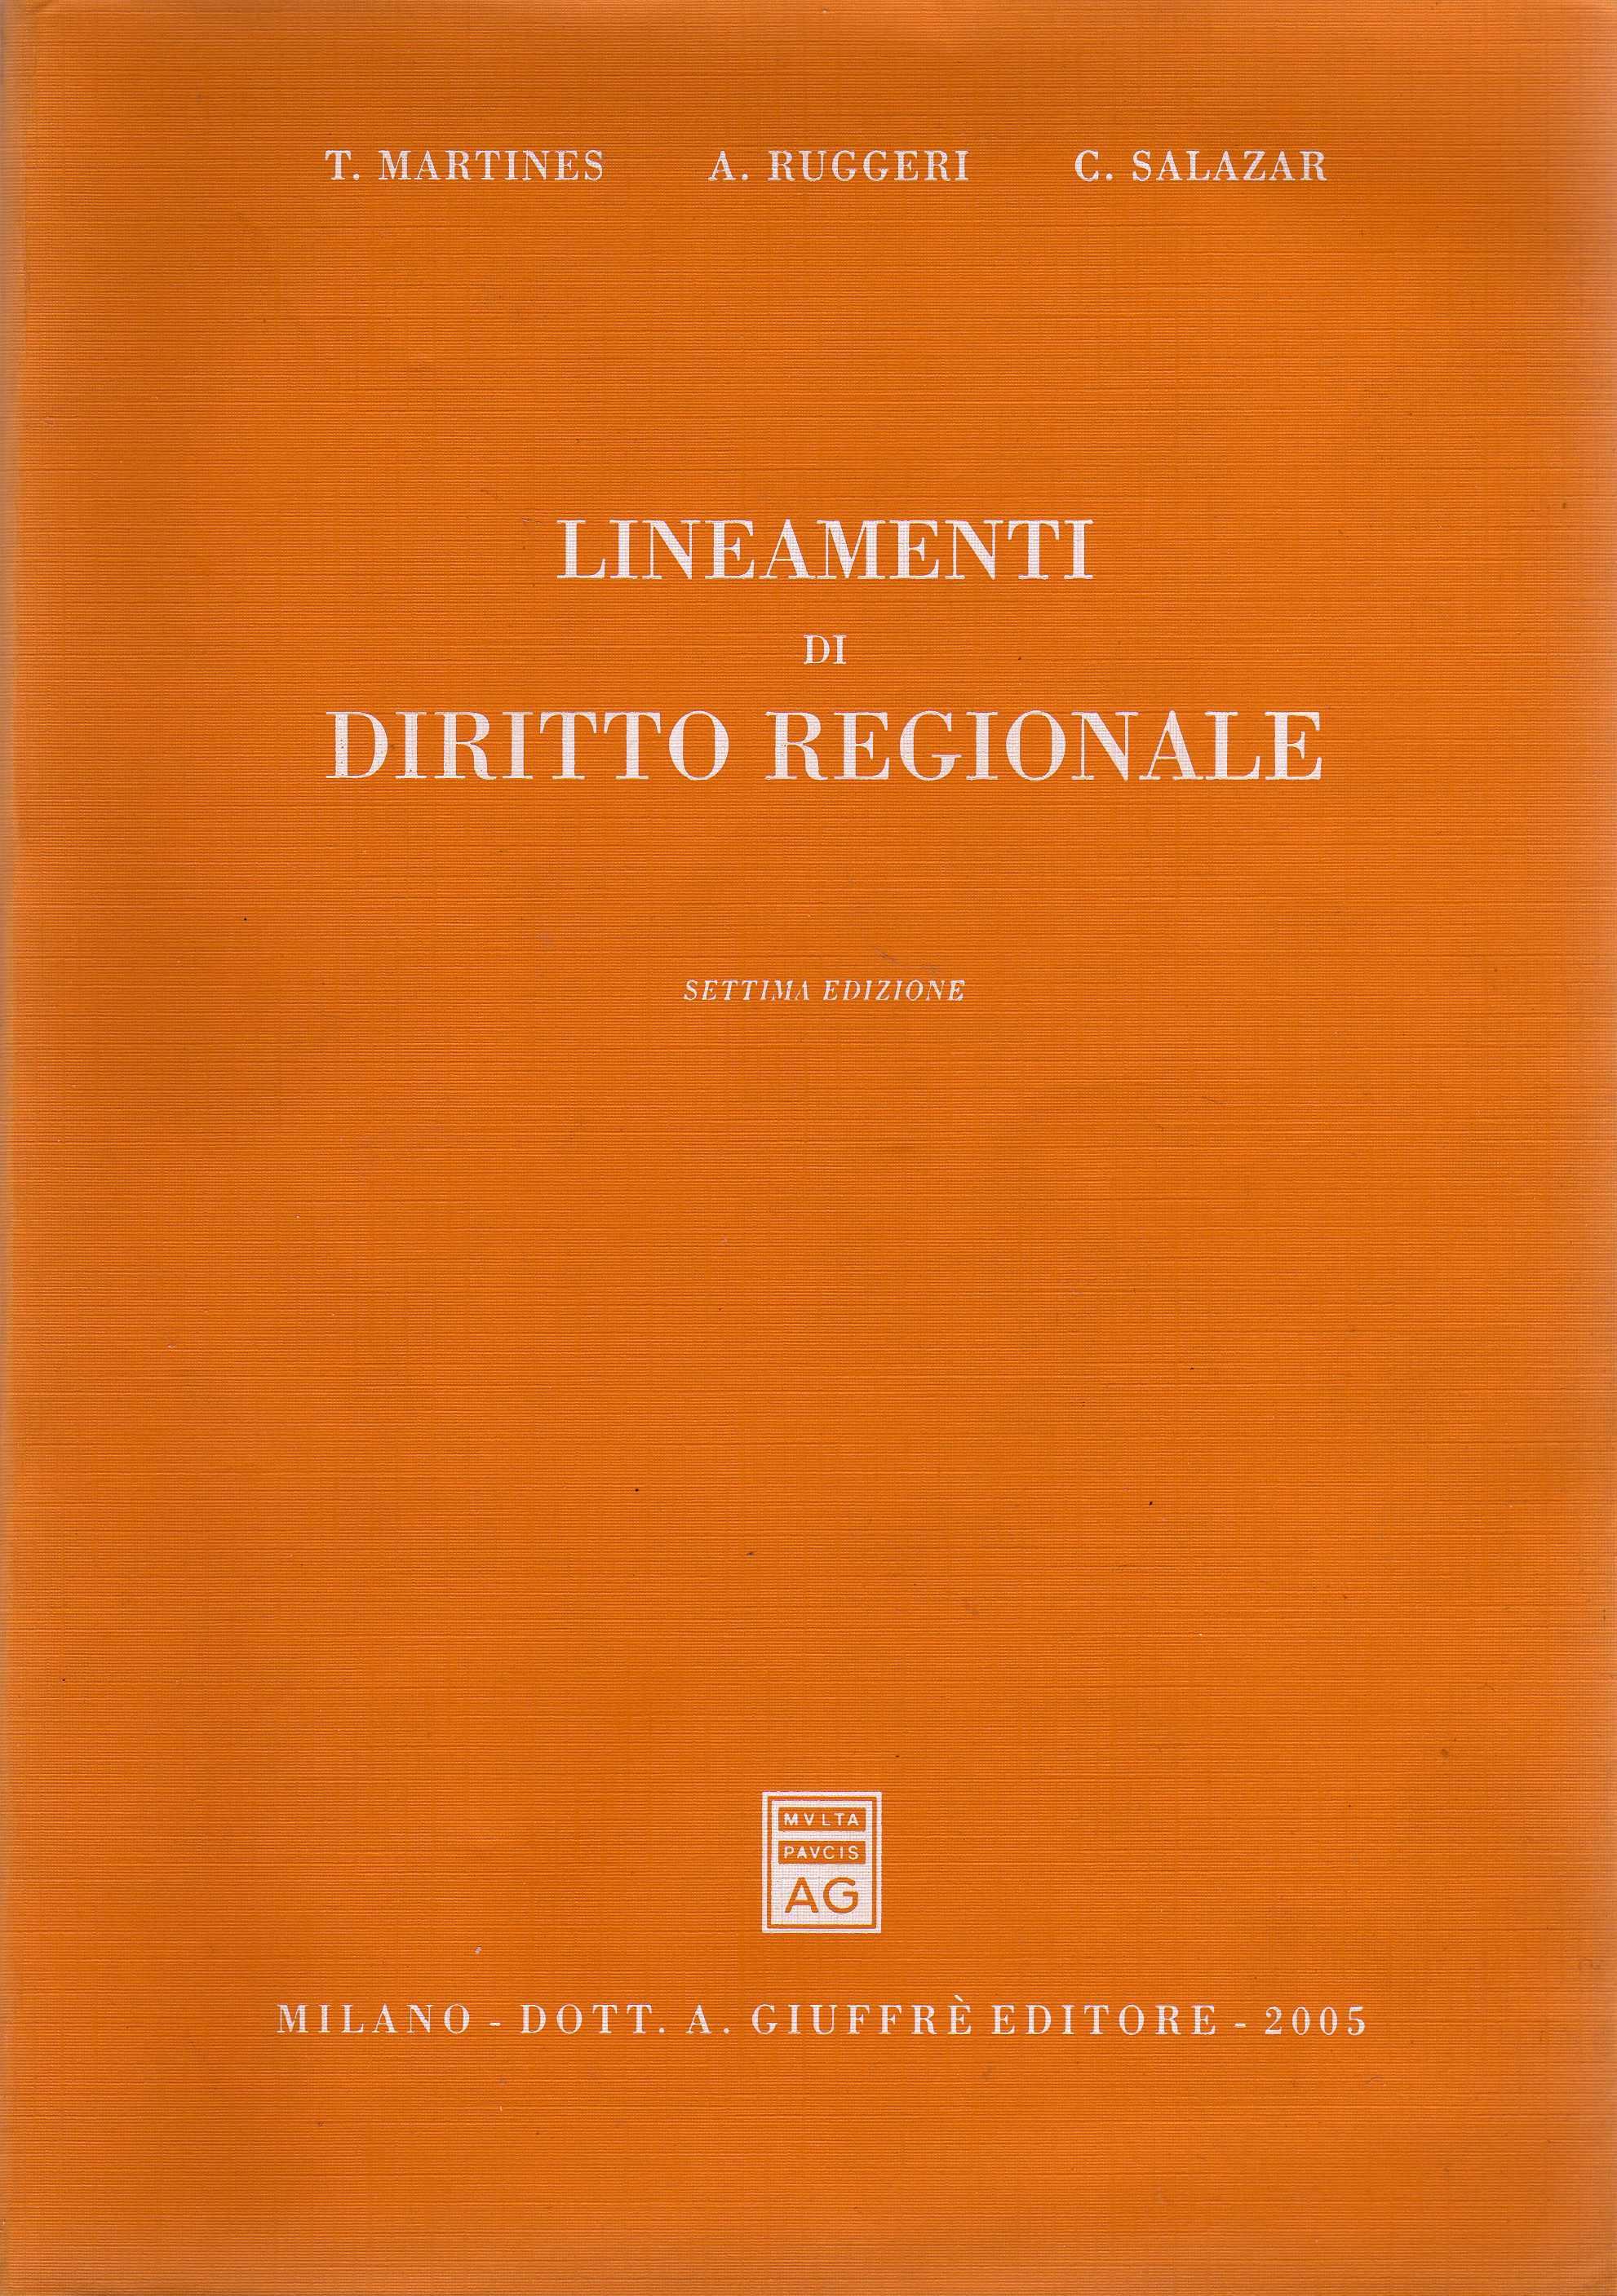 Lineamenti di diritto regionale